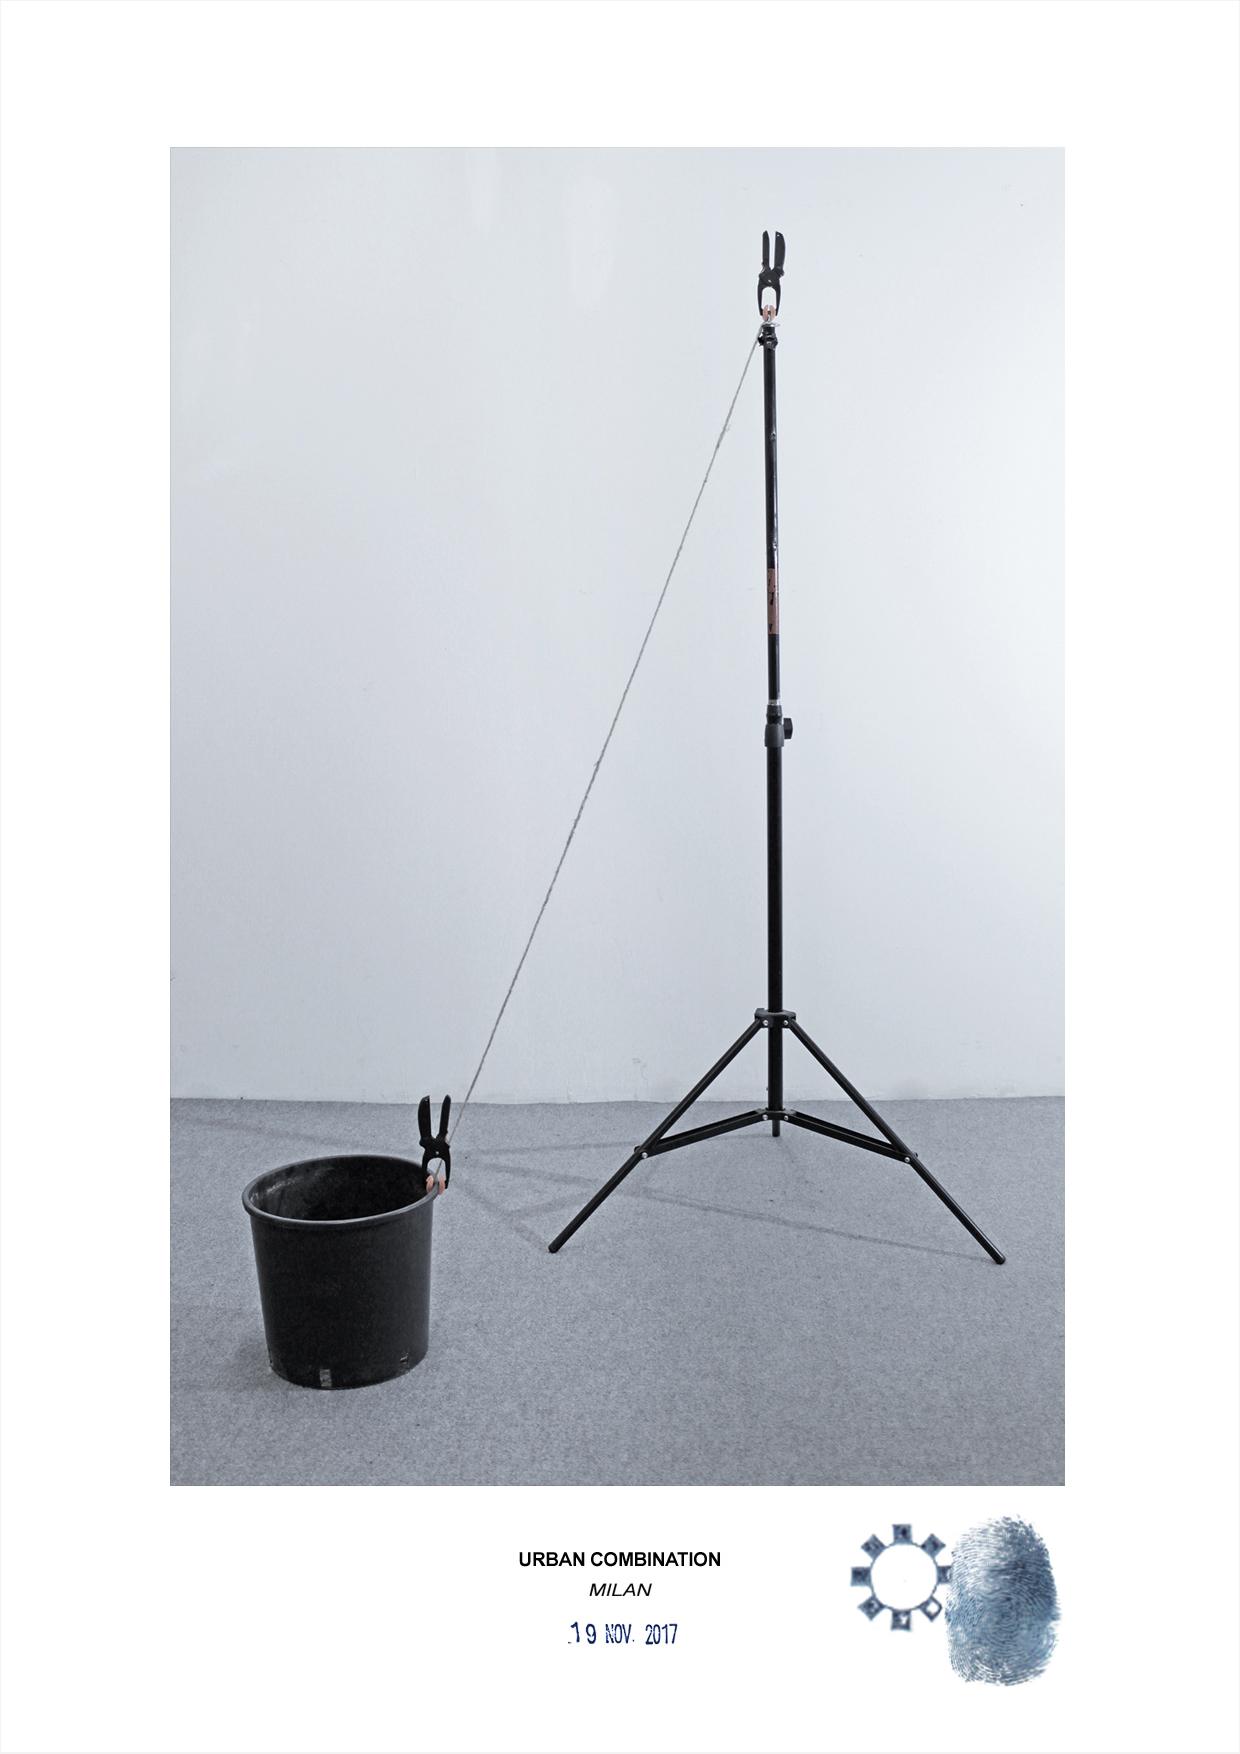 Arte contemporanea dell'artista Maurizio Di Feo. Combinazione in studio con secchio nero. Milano.